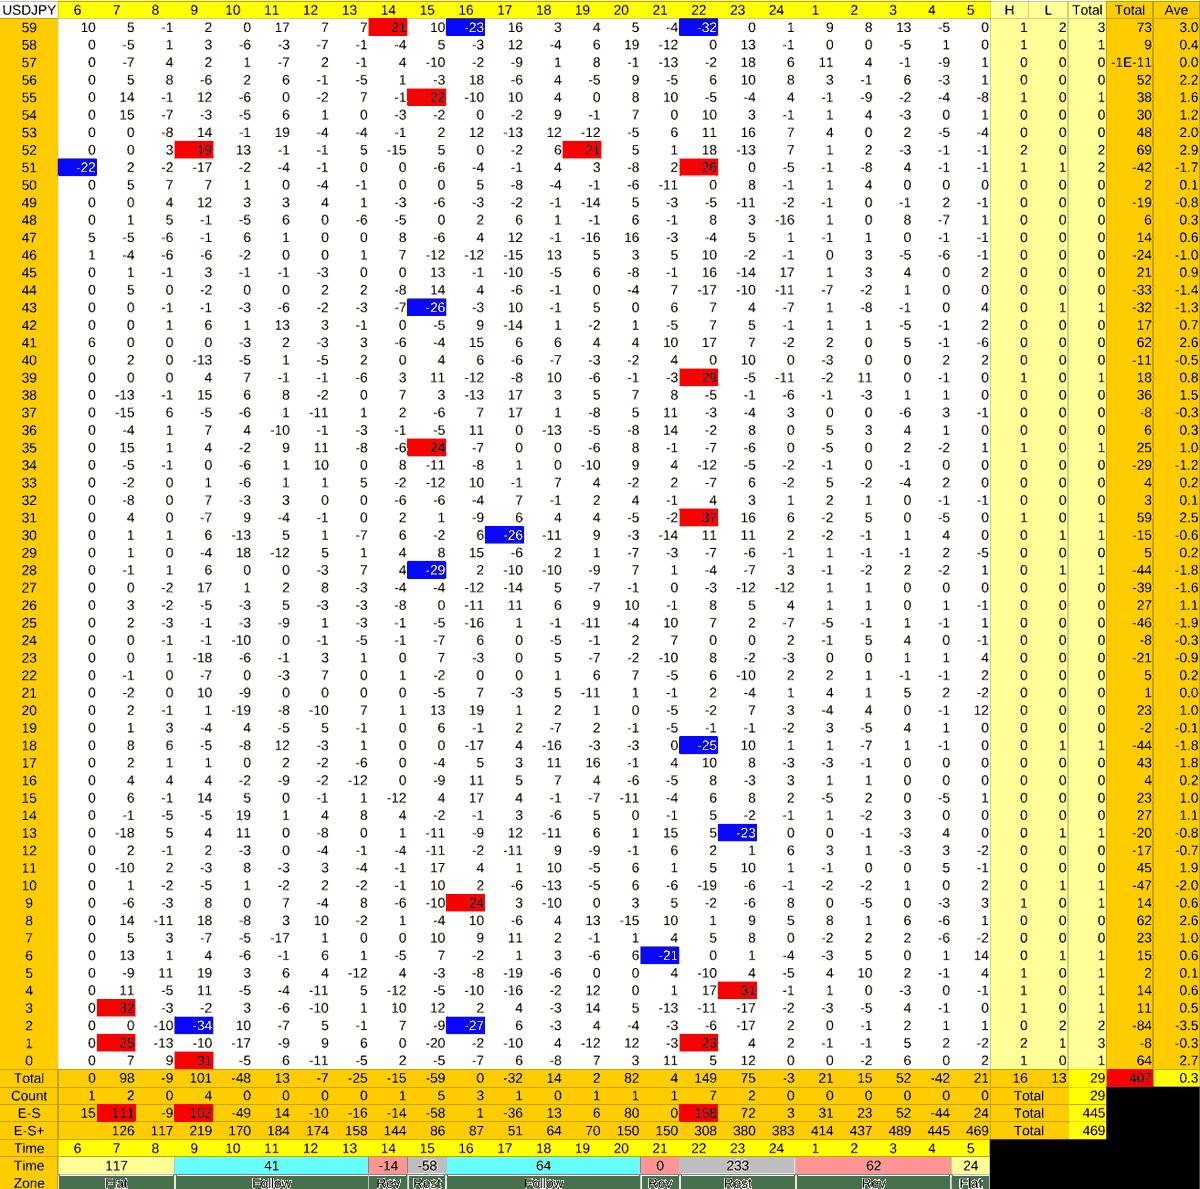 20210614_HS(1)USDJPY